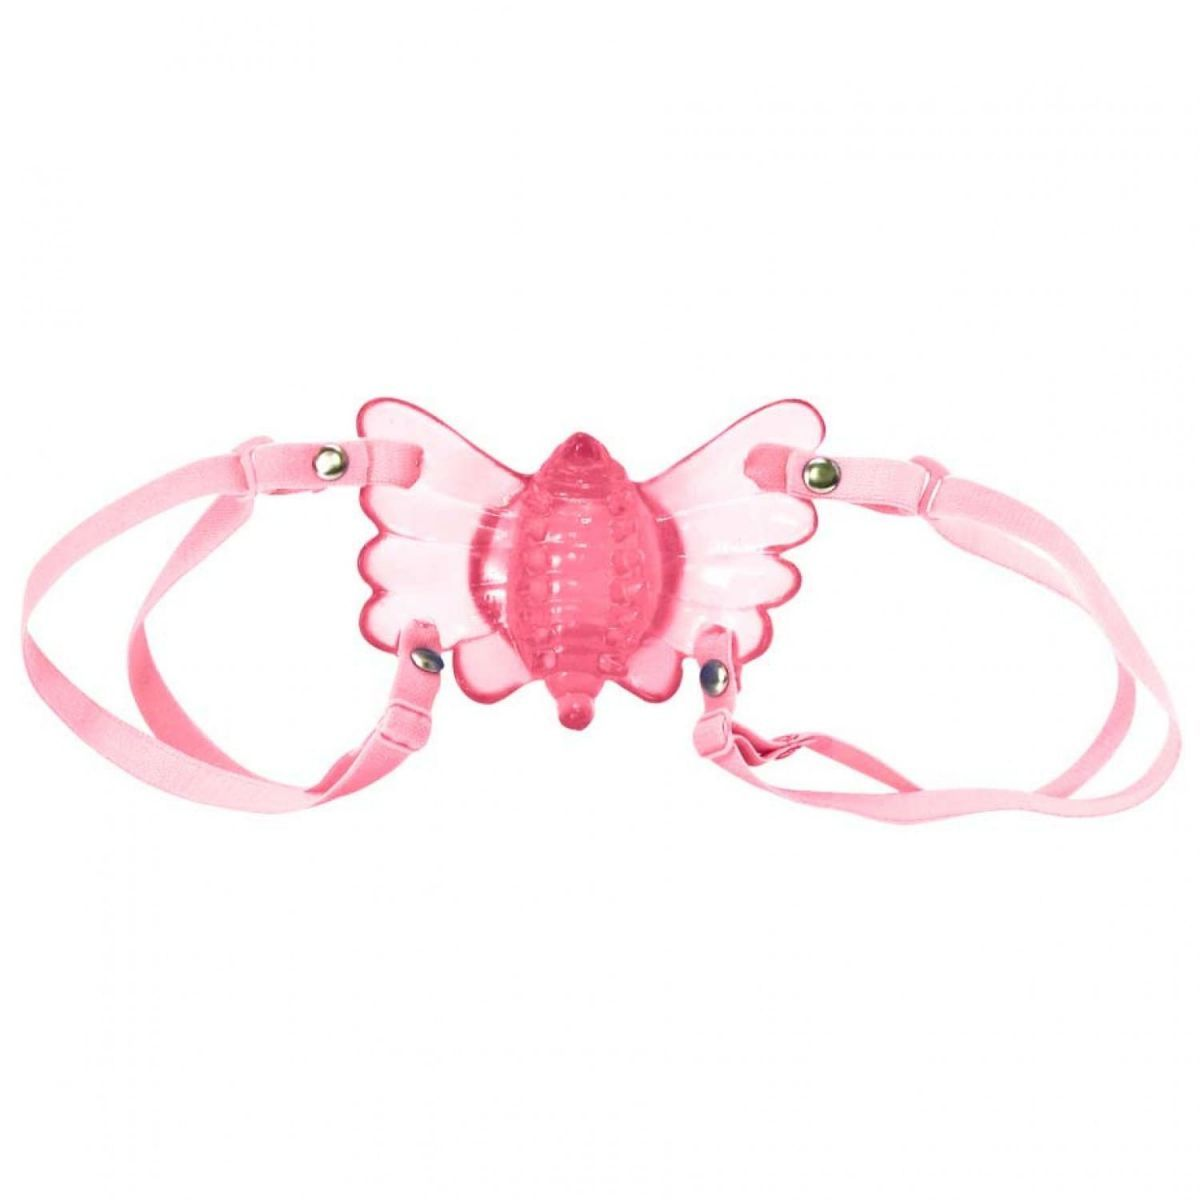 Vibrador Borboleta Mágica Butterfly  com Estimulador Clitoriano - Rosa